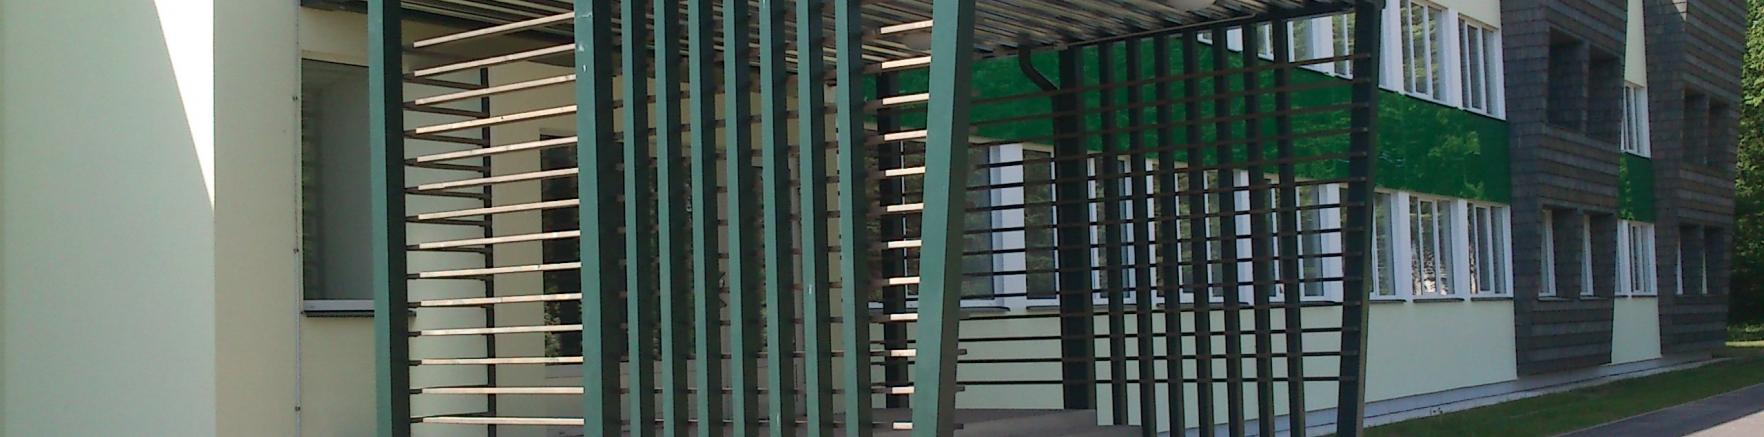 <h2>Metallityö suoraan valmistajalta</h2><p>Olemme tuottaa erilaisia rakentamiseen liittyviä metallituotteet</p>